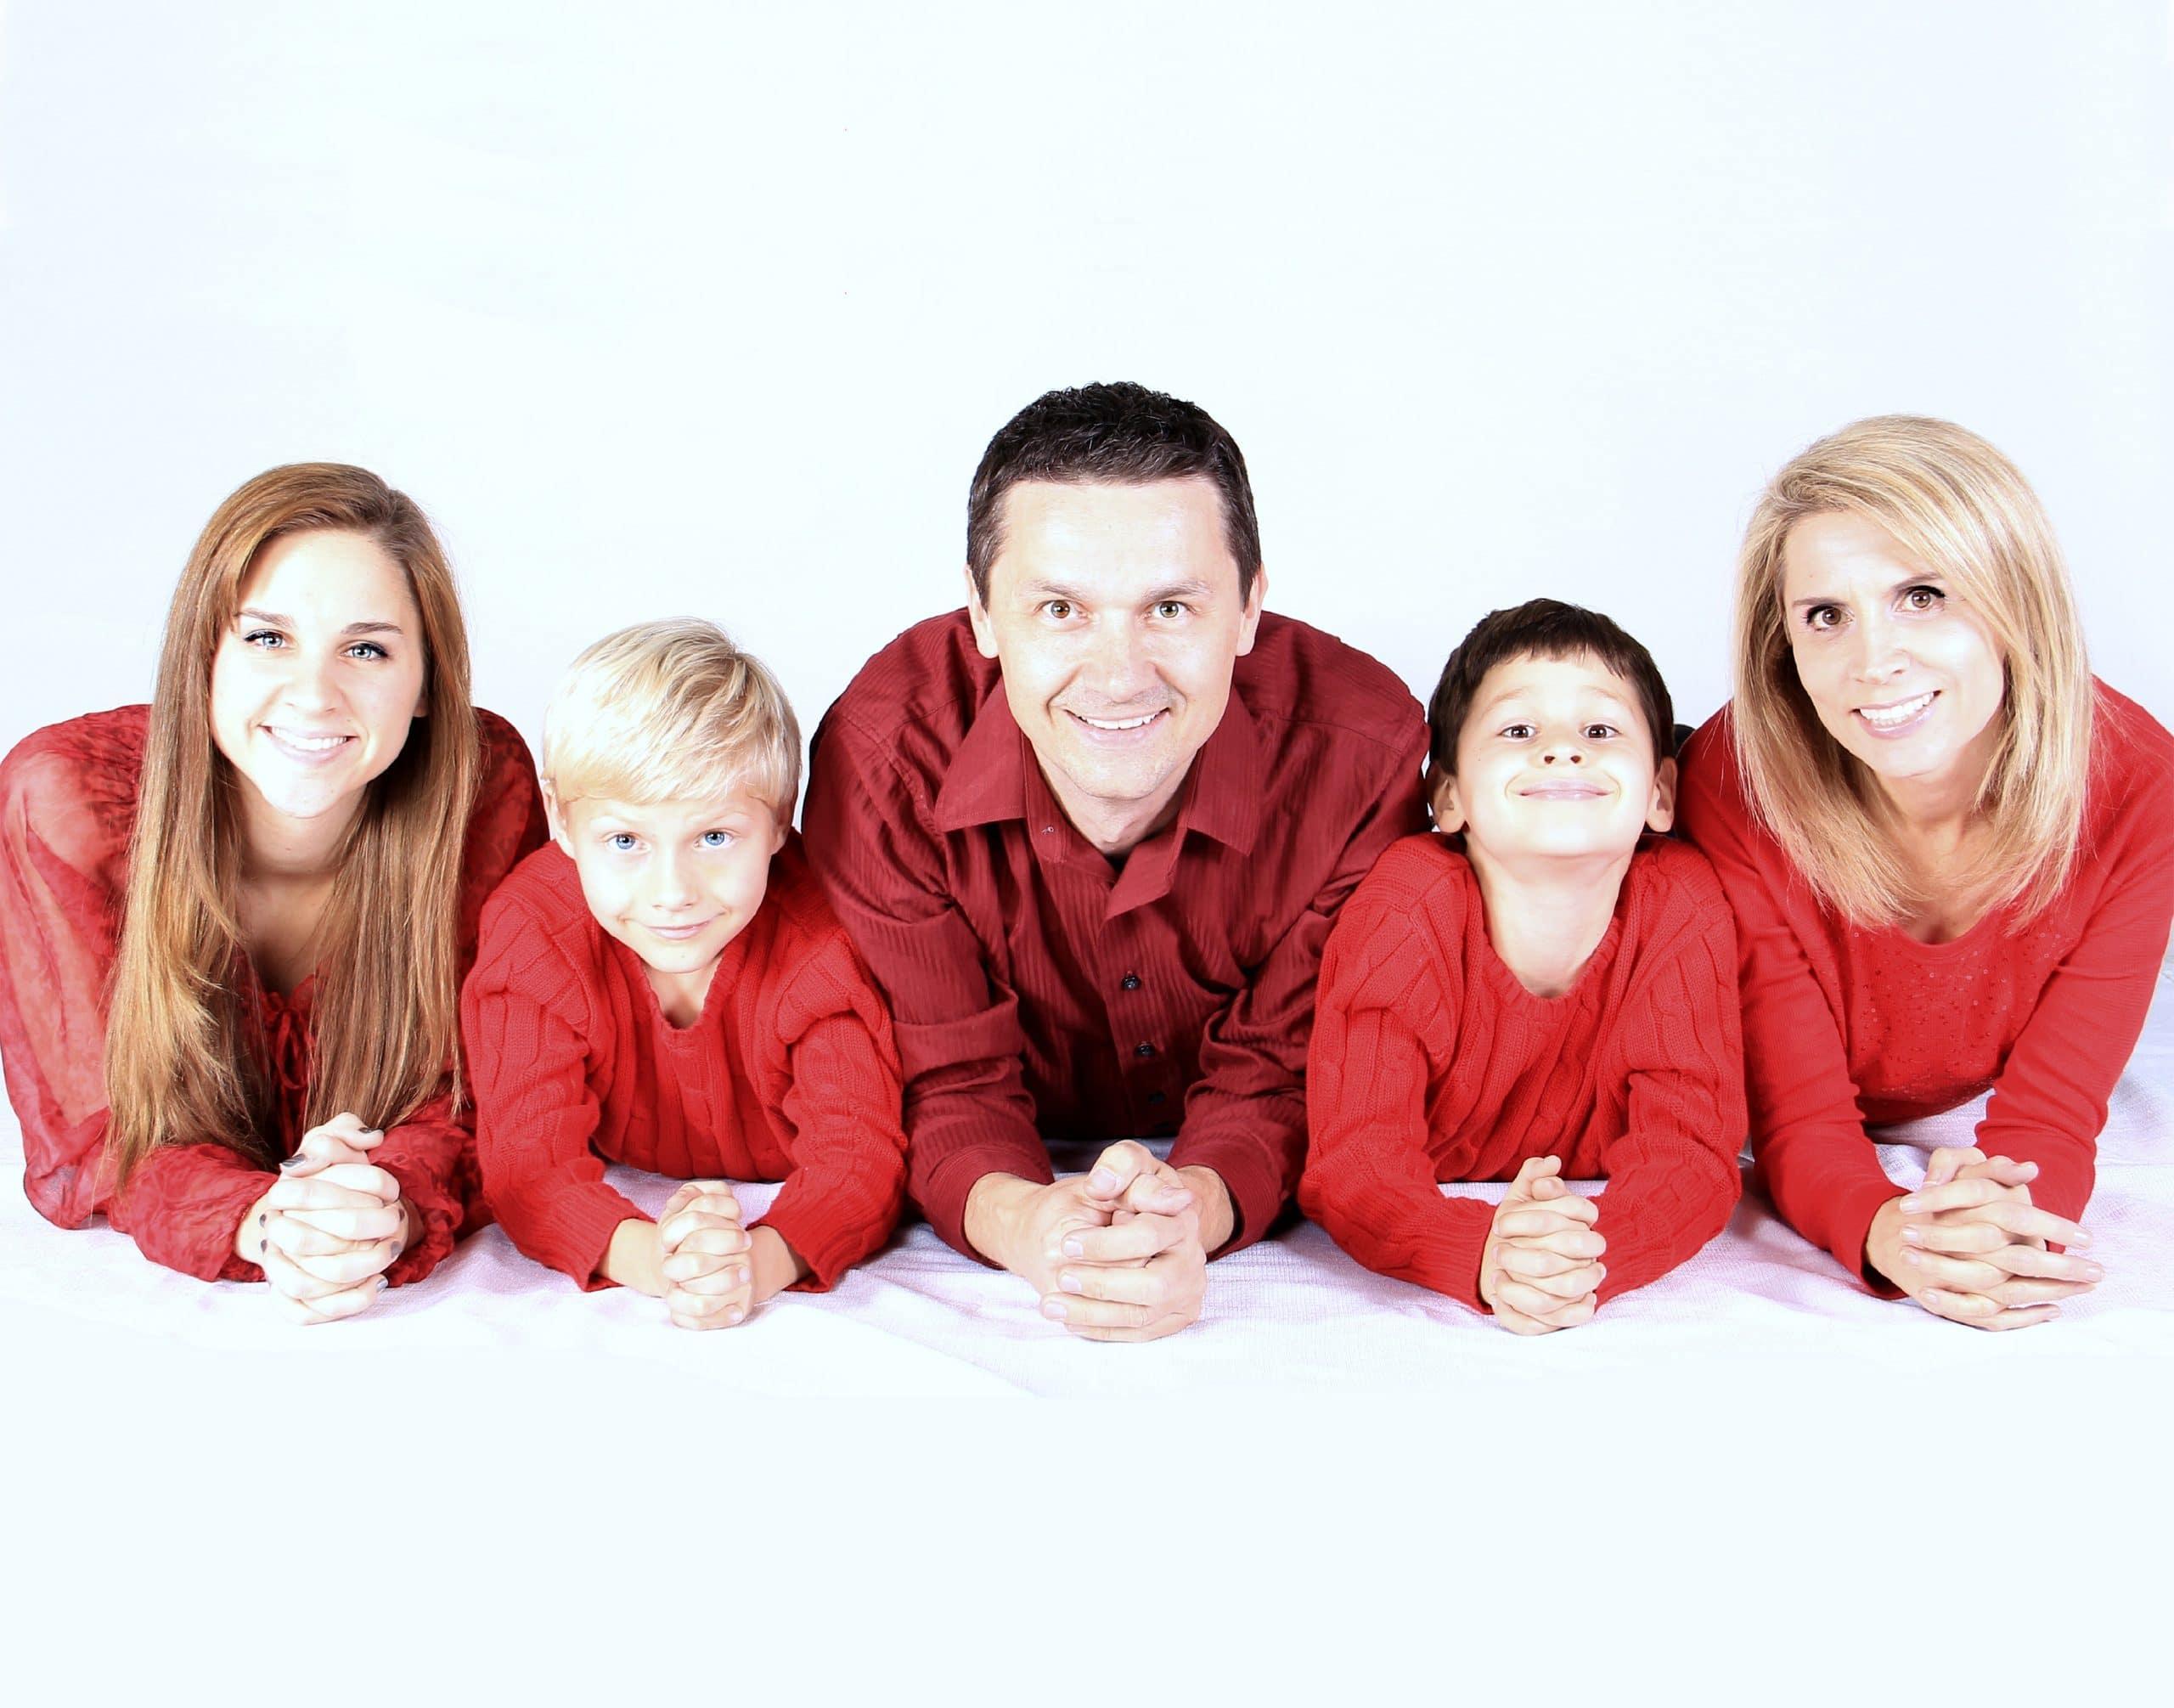 Familia deitada de barriga pra baixo e camisas vermelha